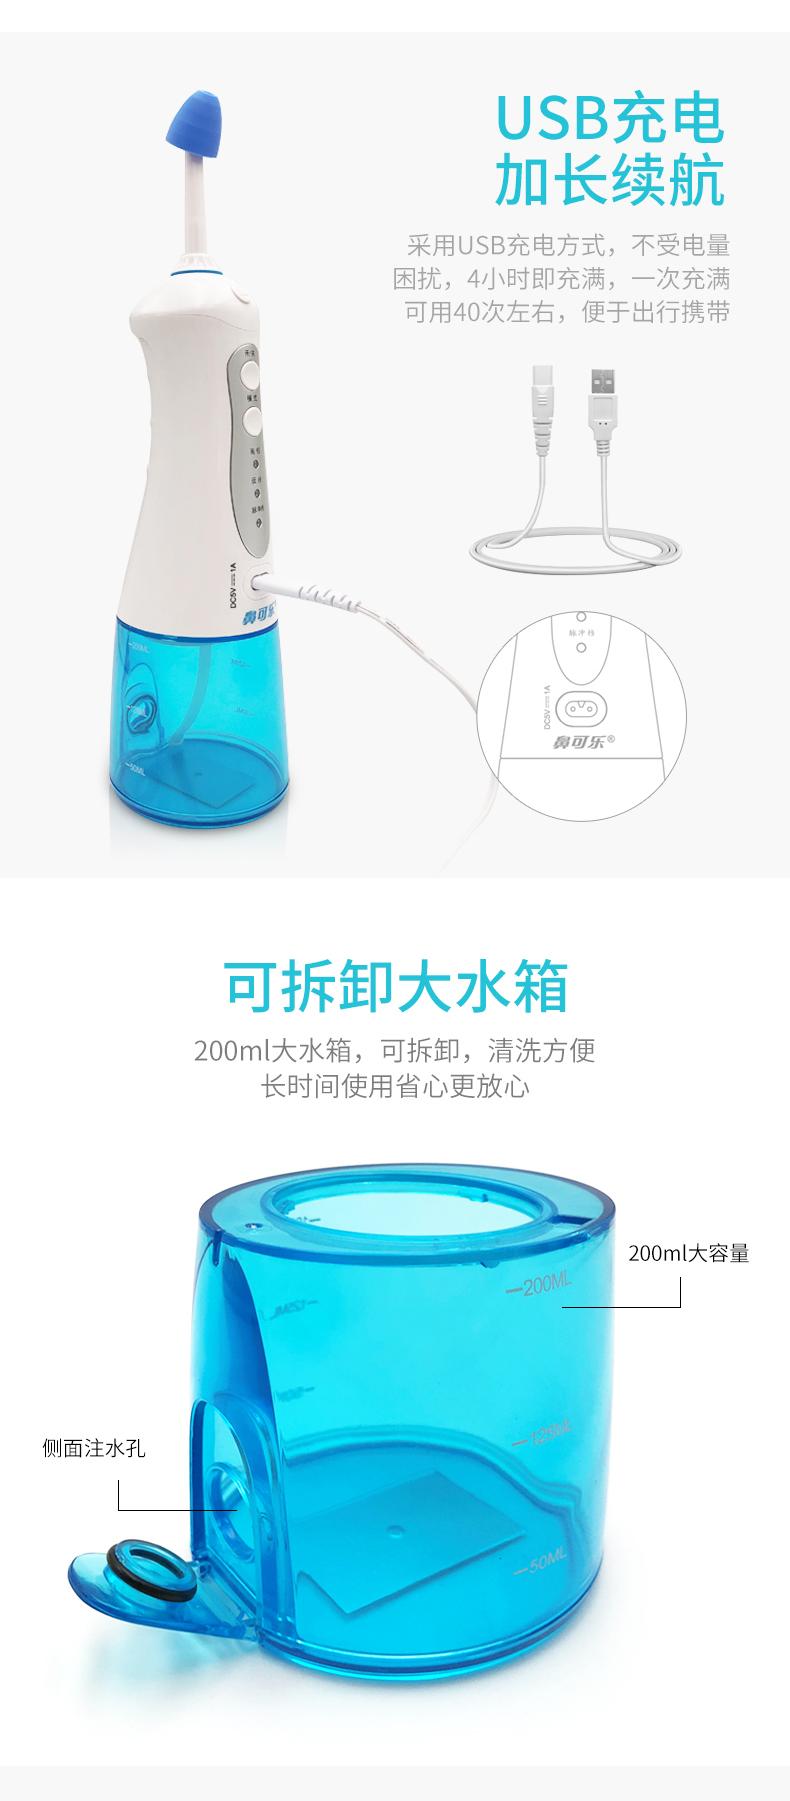 鼻可乐 洗鼻器 NJ159 电动洗鼻器 充电款便携洗鼻器护理鼻腔 搭配鼻可乐洗鼻盐使用